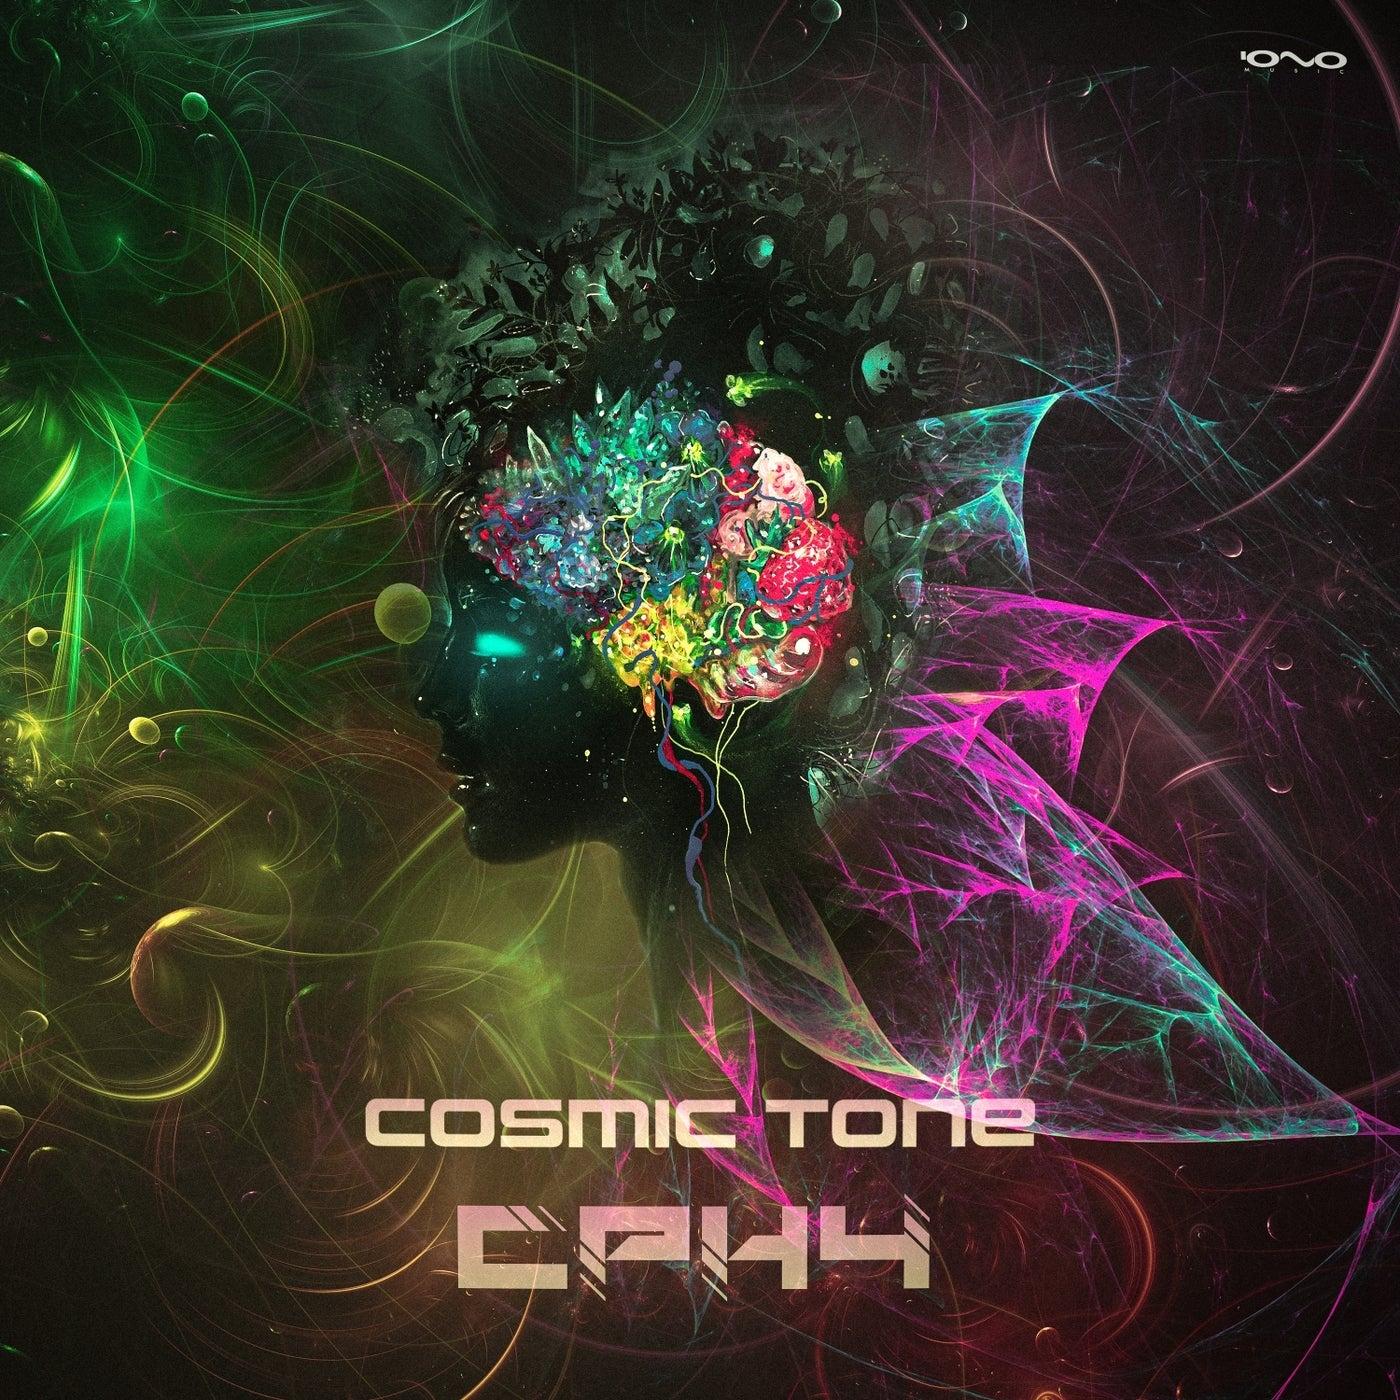 Cph4 (Original Mix)